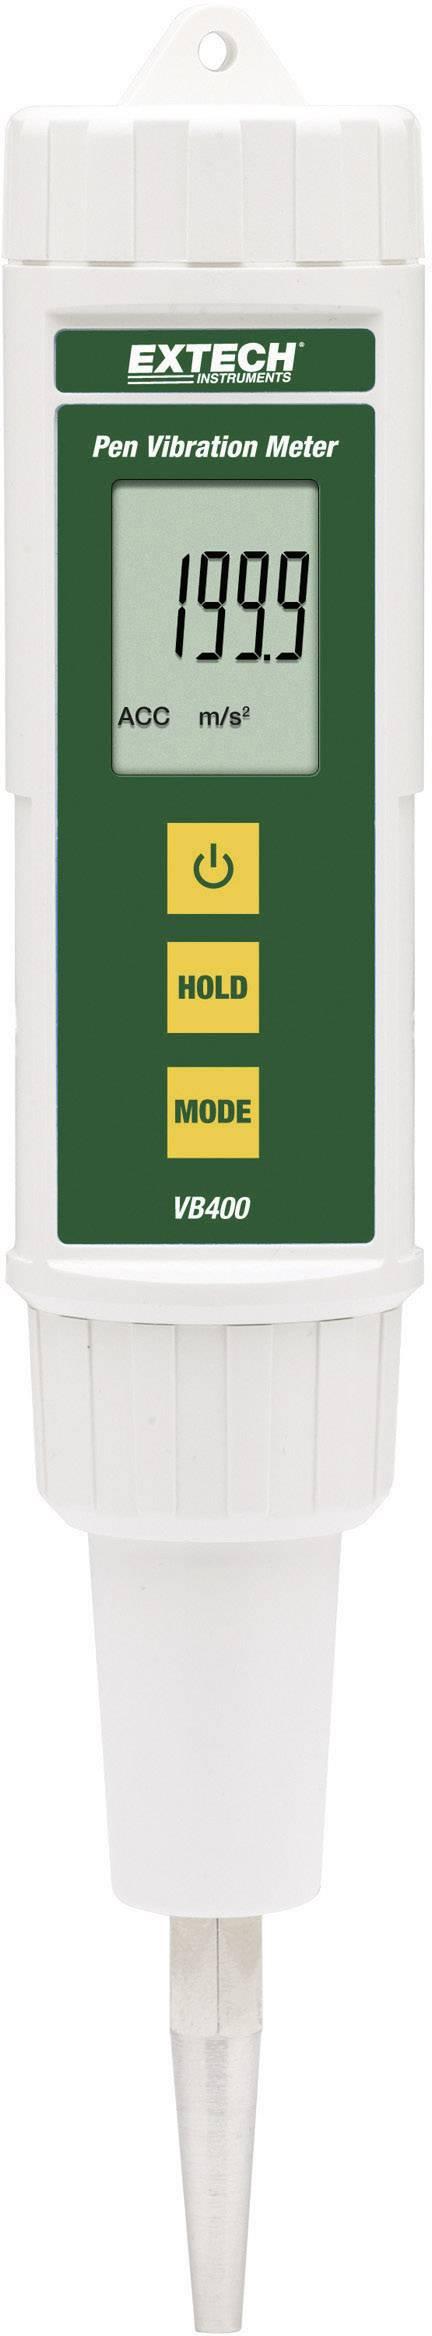 Přístroj k měření vibrací Extech VB400